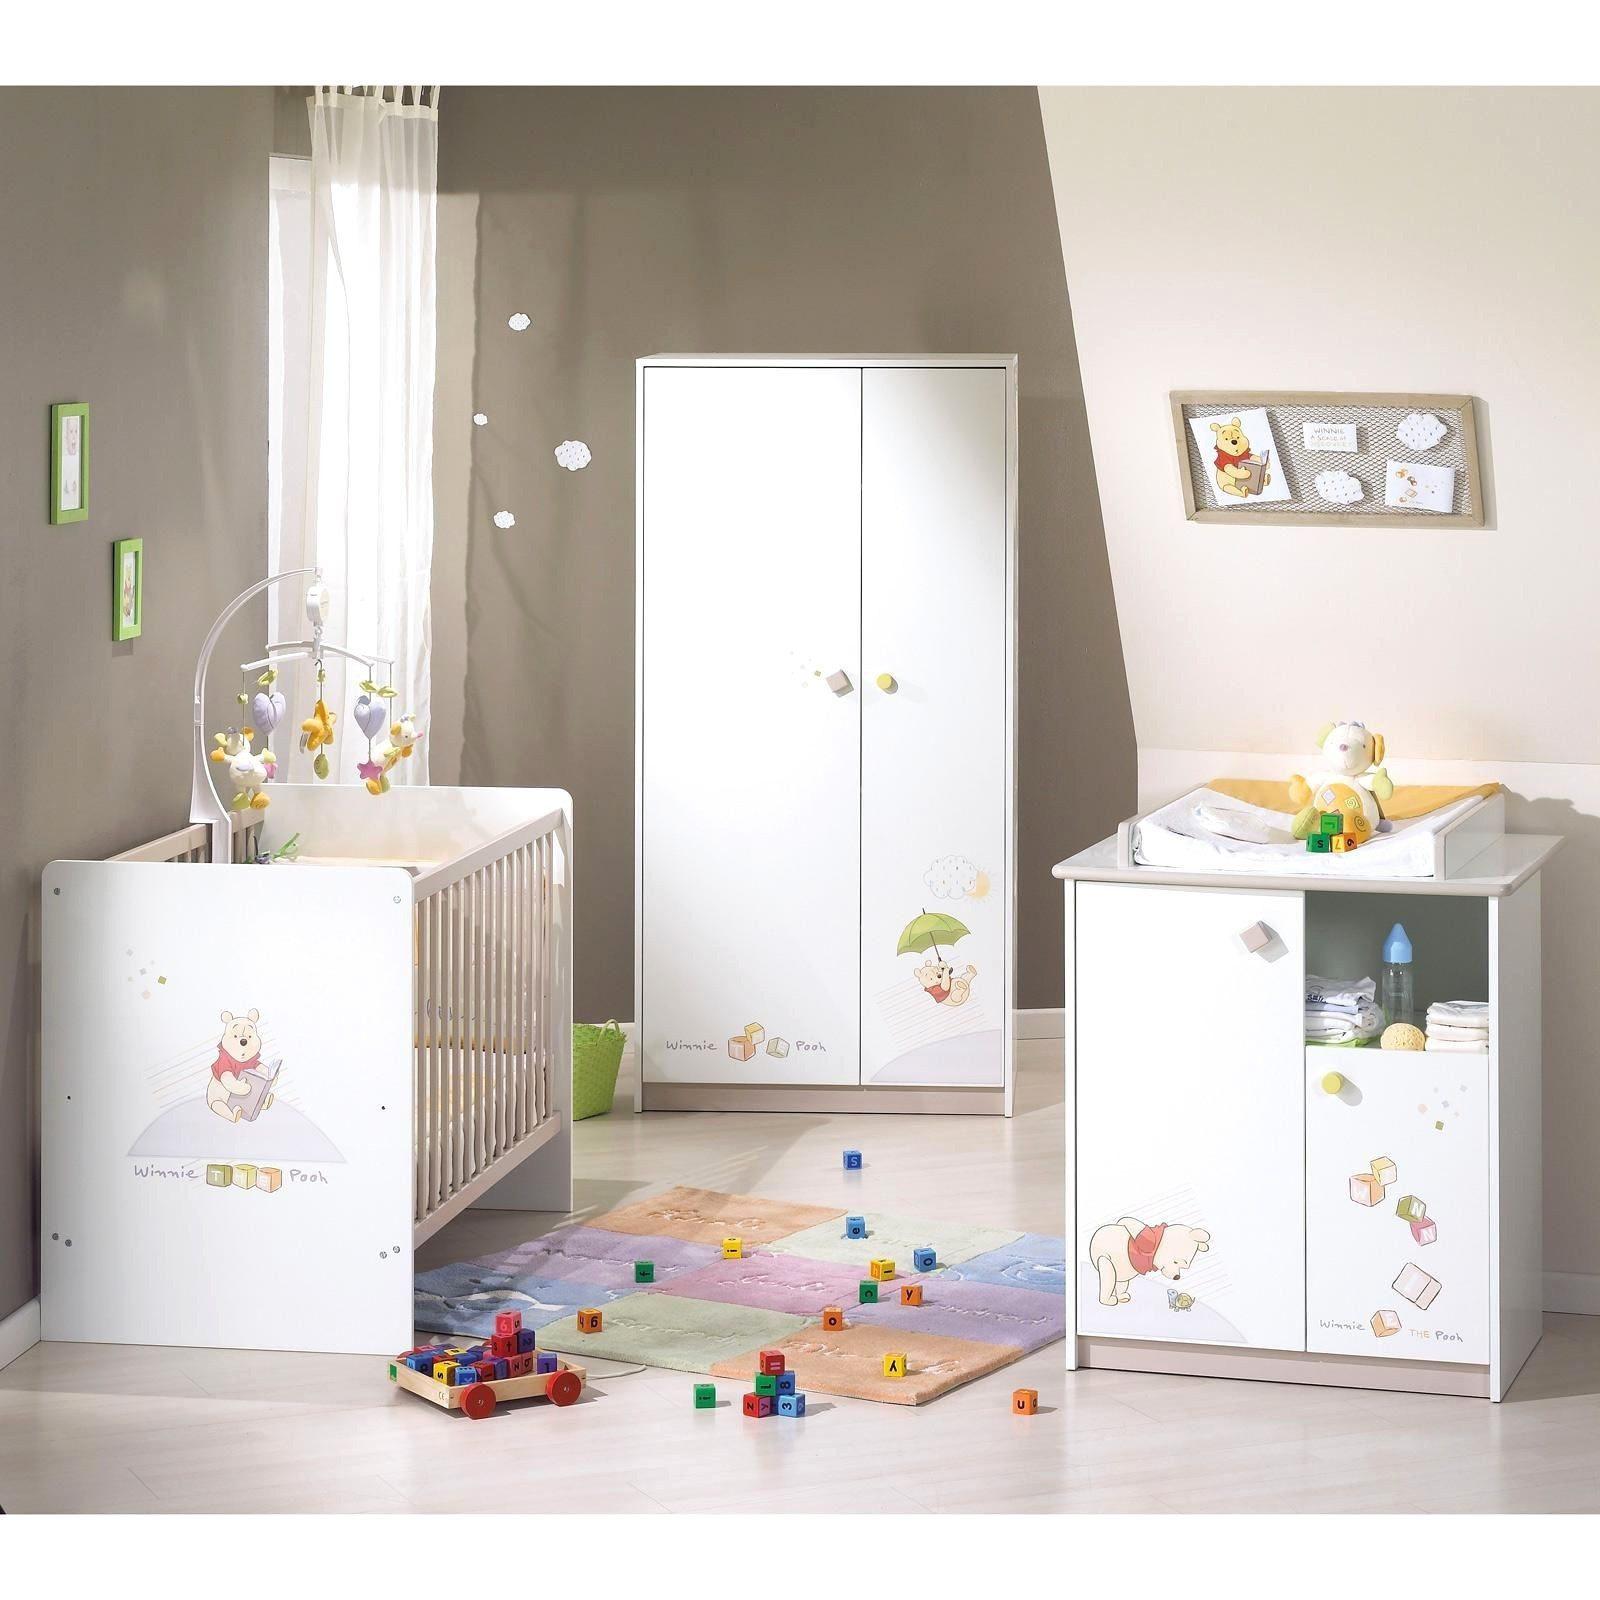 Alinea Lit Enfant De Luxe Meuble Chambre Garcon Impressionnant Chambre Enfant Alinea Frais